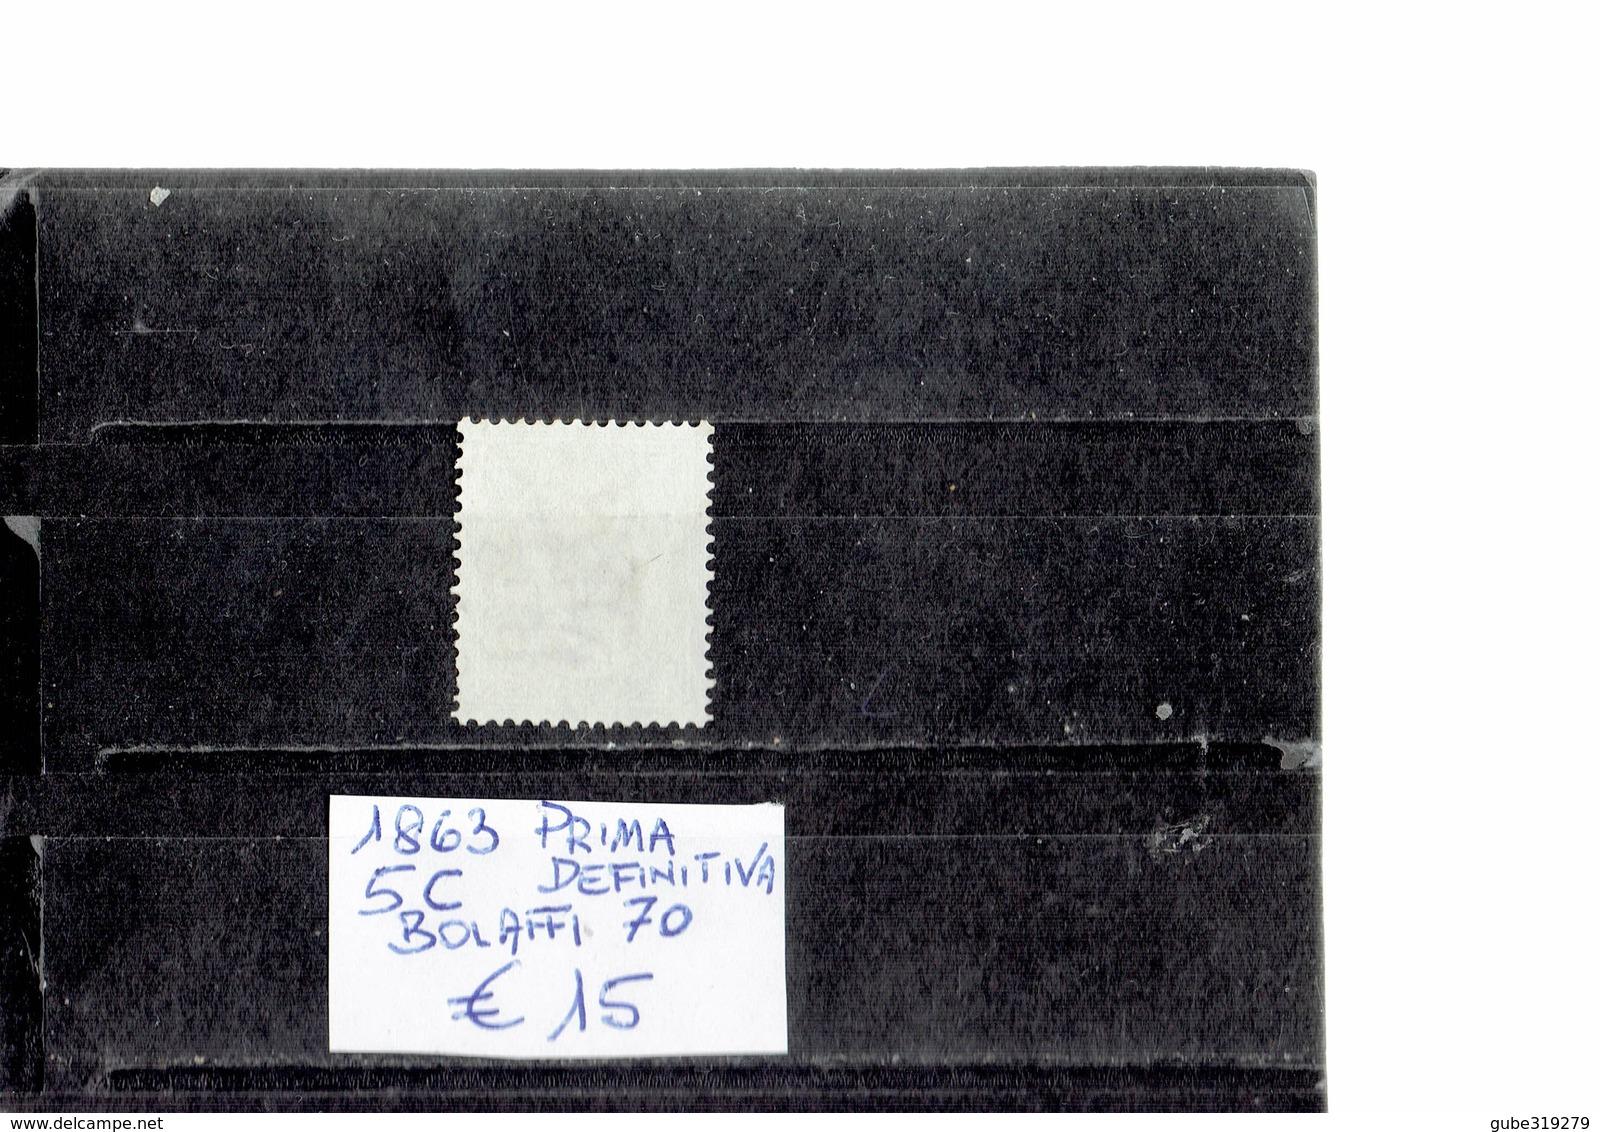 ITALY 1863 - SERIE PRIMA DEFINITIVA  5 CENTESIMI   USATO (Bolaffi 70) ALBVEC ITA 5VER - 1861-78 Vittorio Emanuele II